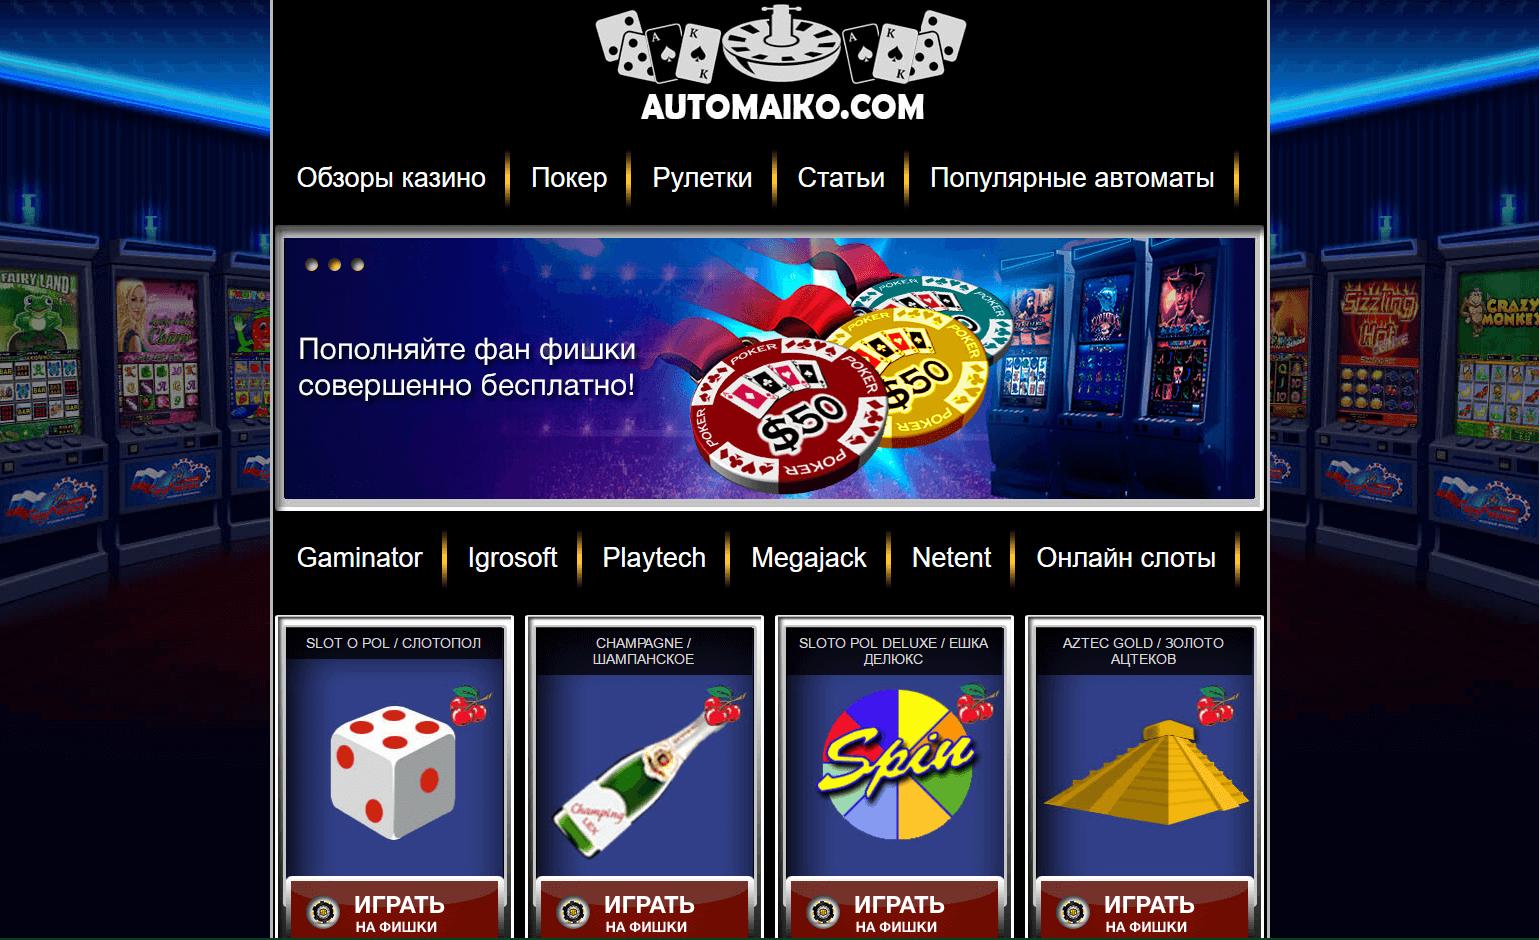 Автоматы gaminator онлайн без регистрации играть в игровые автоматы из америки